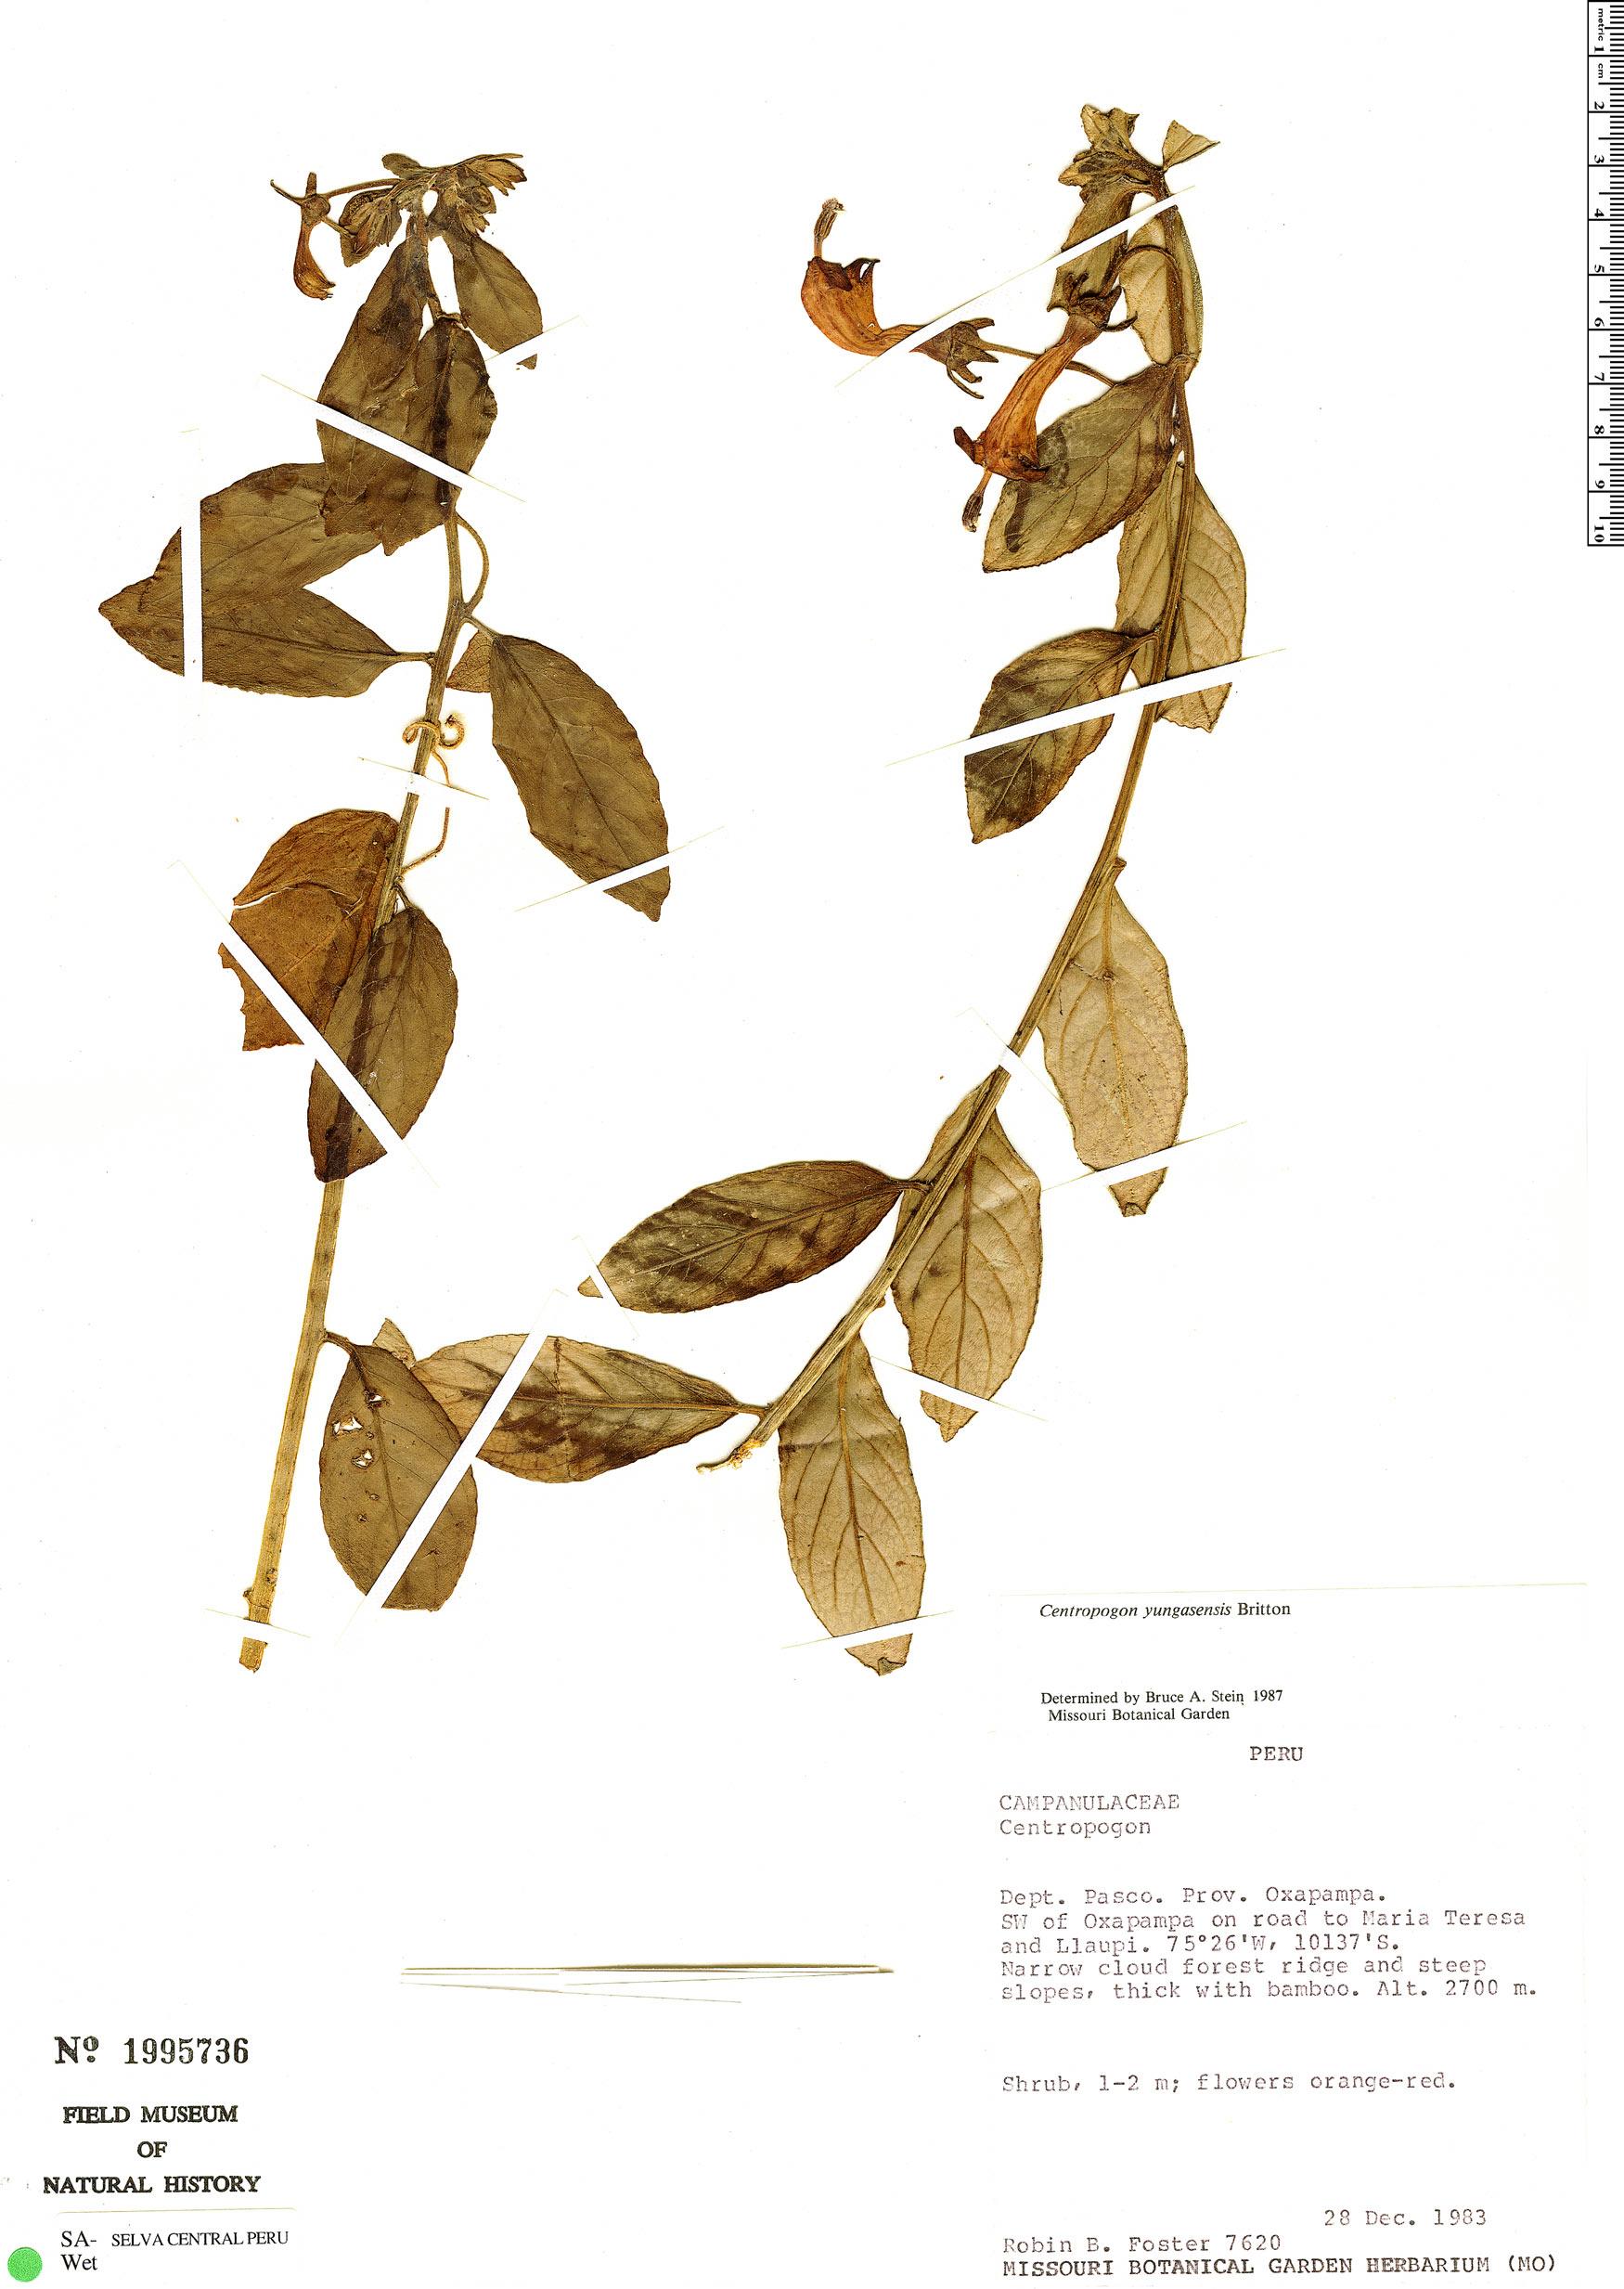 Specimen: Centropogon yungasensis